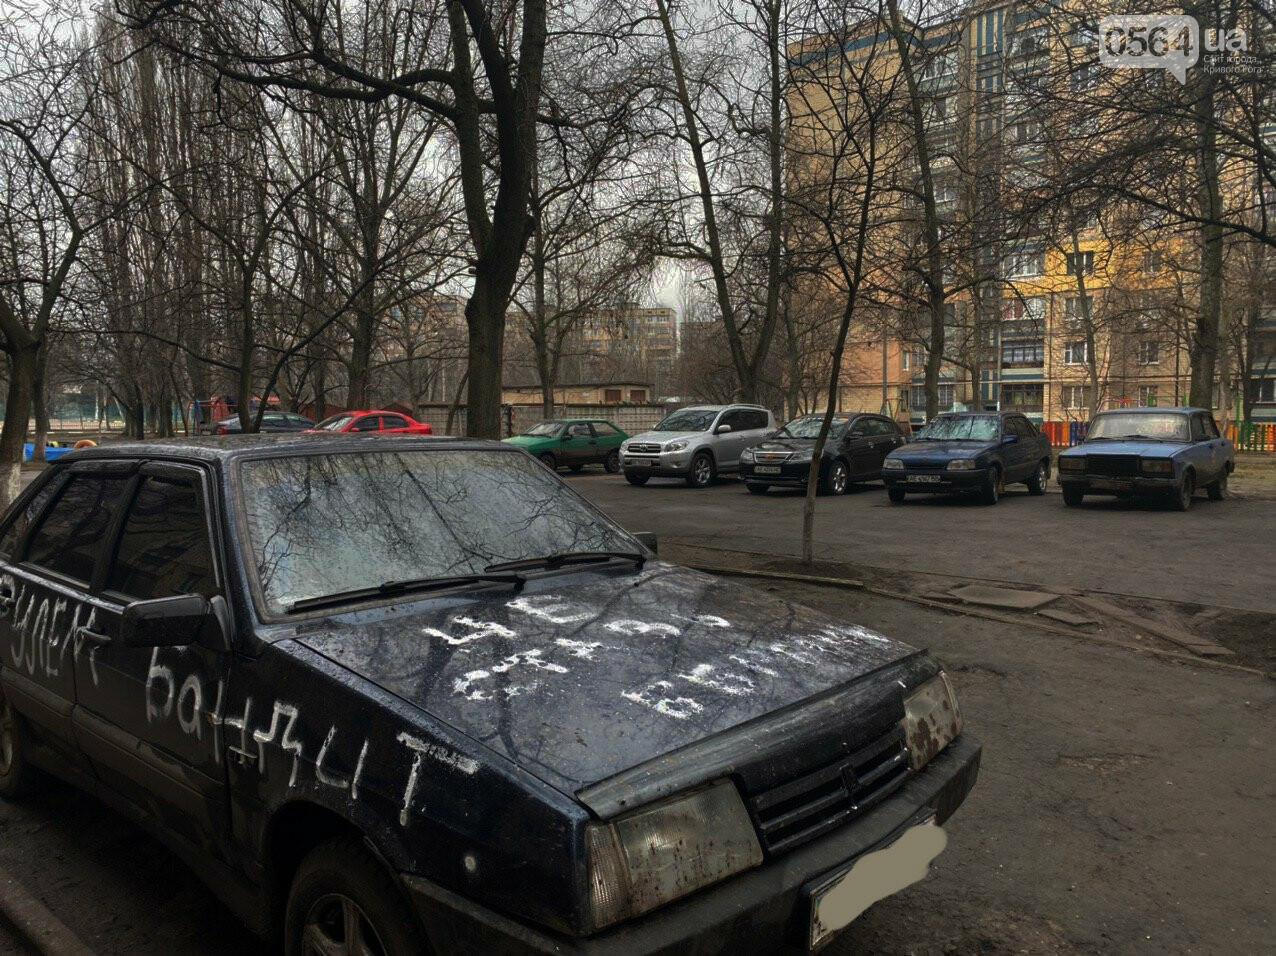 """""""За рулем бандит"""": в Кривом Роге ночью обрисовали припаркованный во дворе автомобиль, - ФОТО , фото-7"""